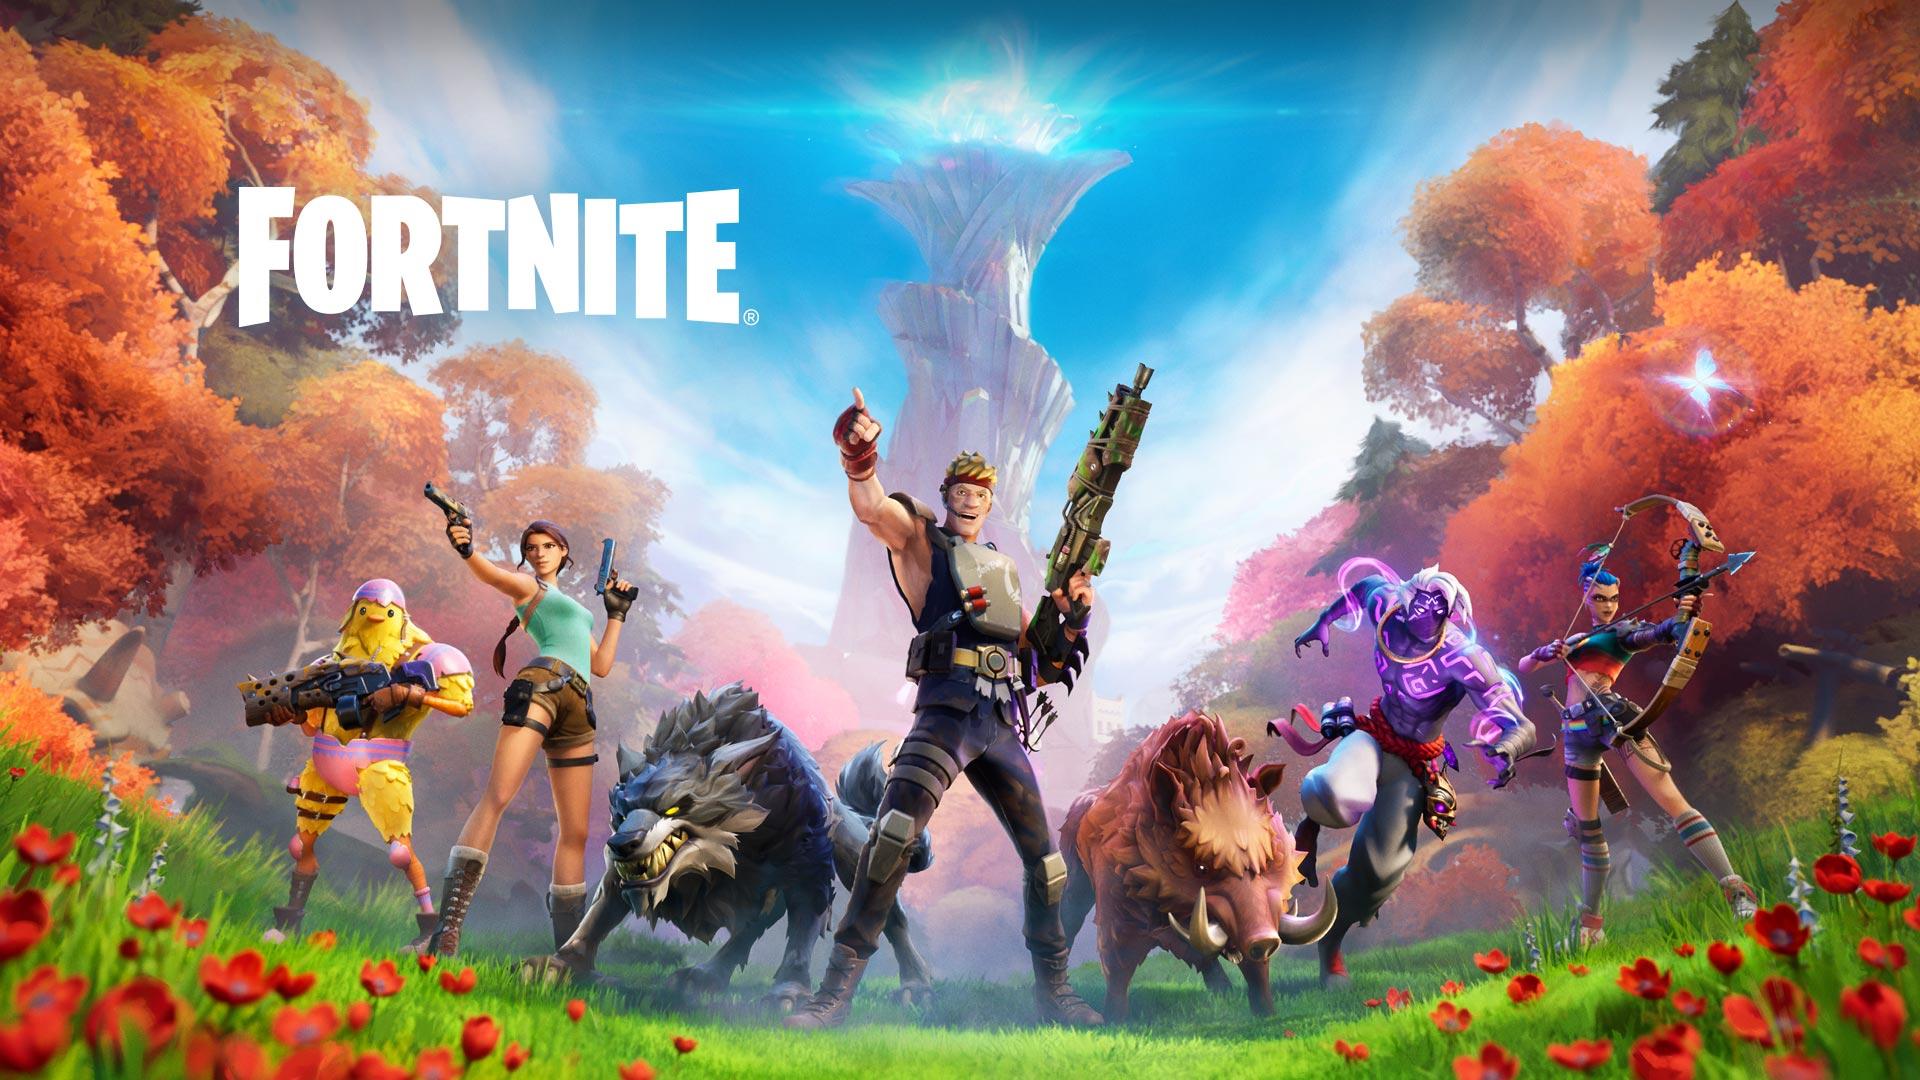 Fortnite, Un groupe de personnages et d'animaux sauvages sont alignés devant un paysage de forêt luxuriante.